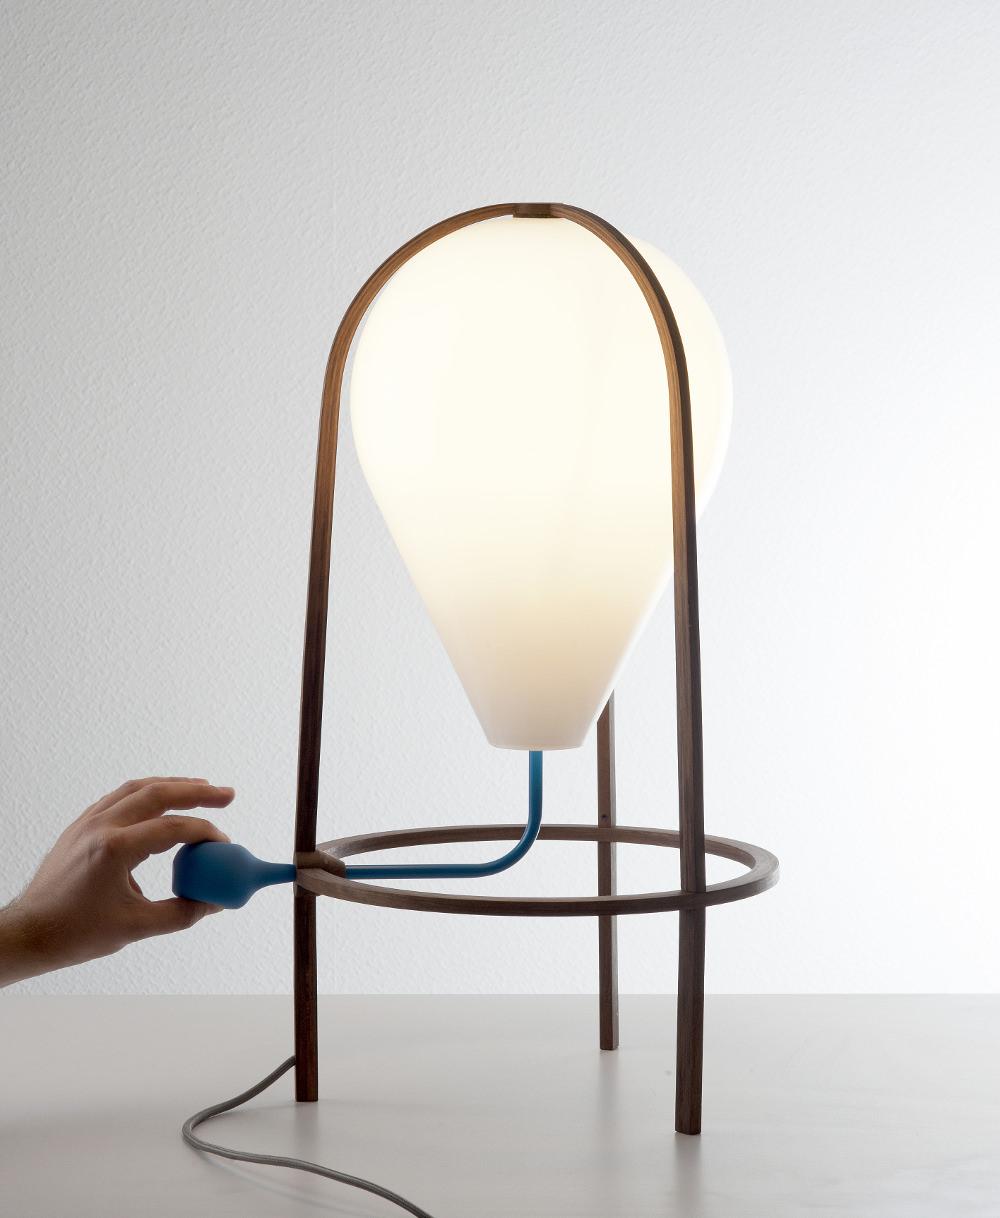 Lampe Olab design Gregoire de Lafforest